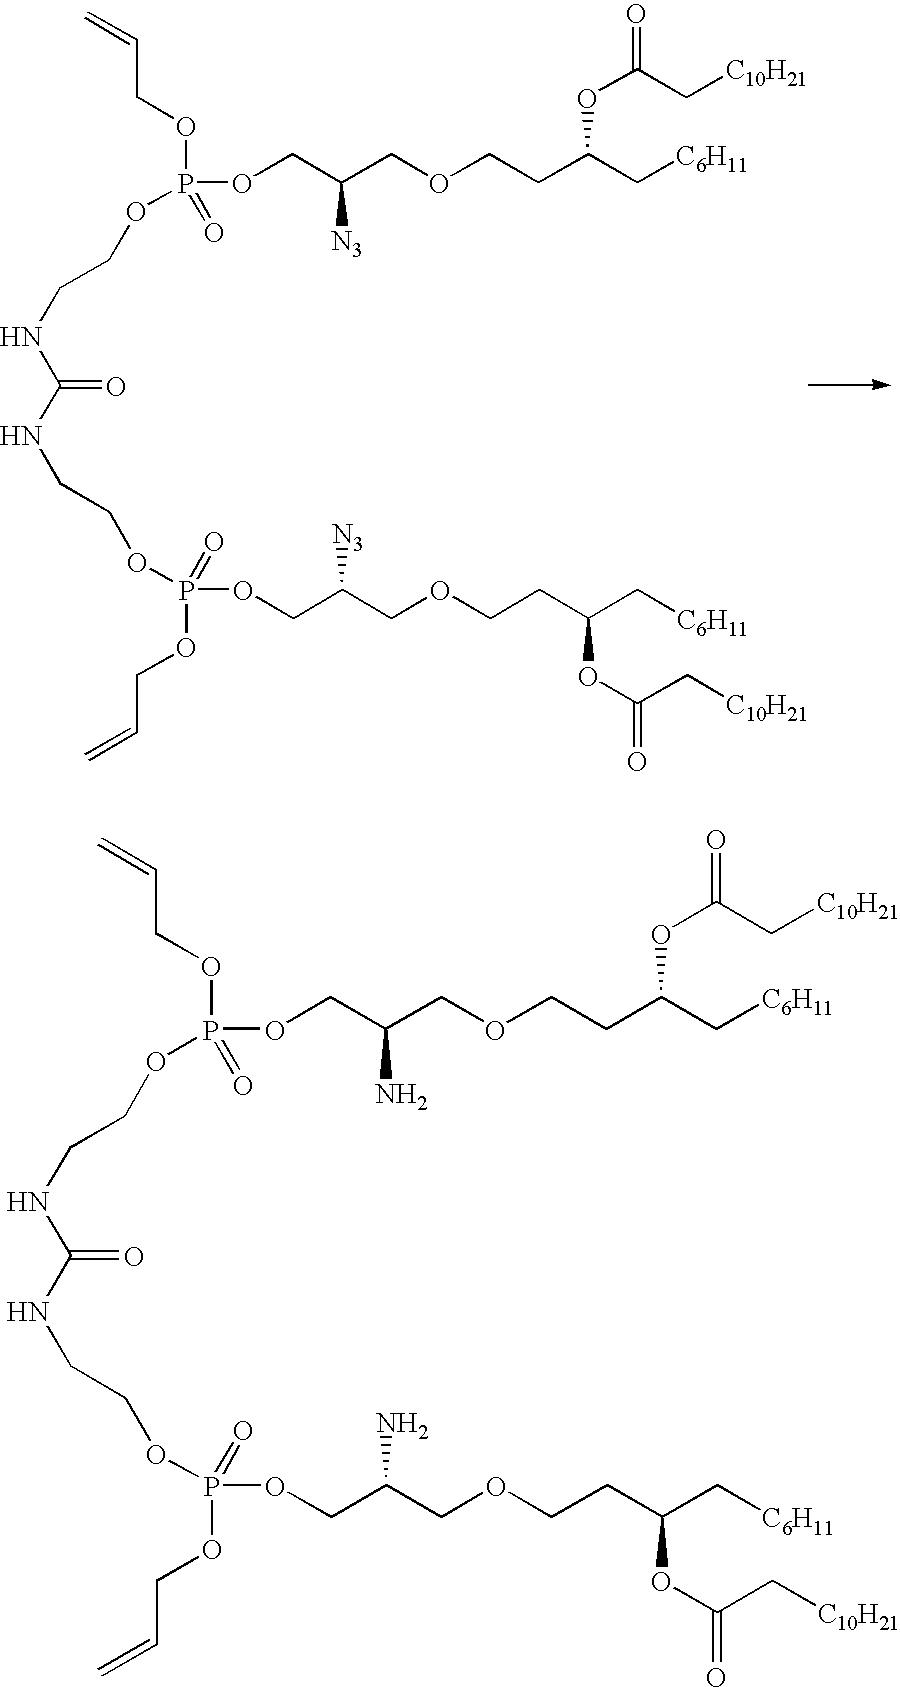 Figure US06551600-20030422-C00097